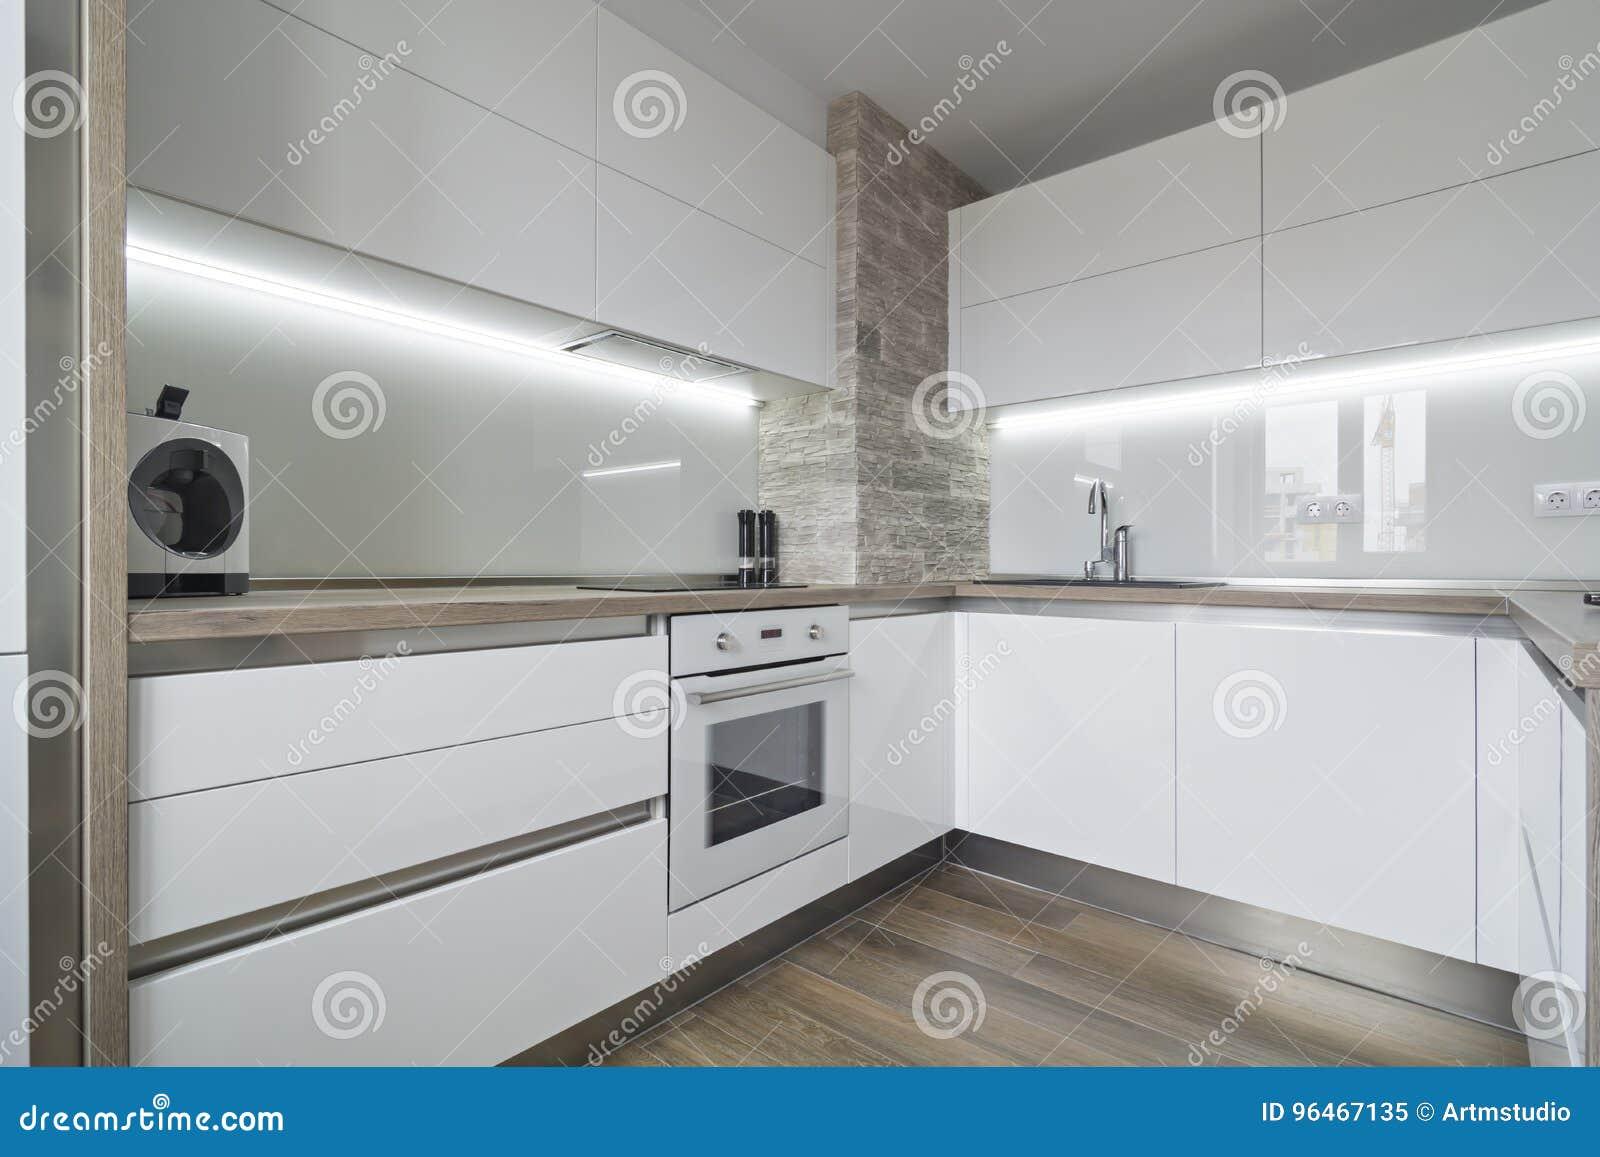 Cucina Bianca Moderna E Luminosa Con Una Progettazione Semplice ...